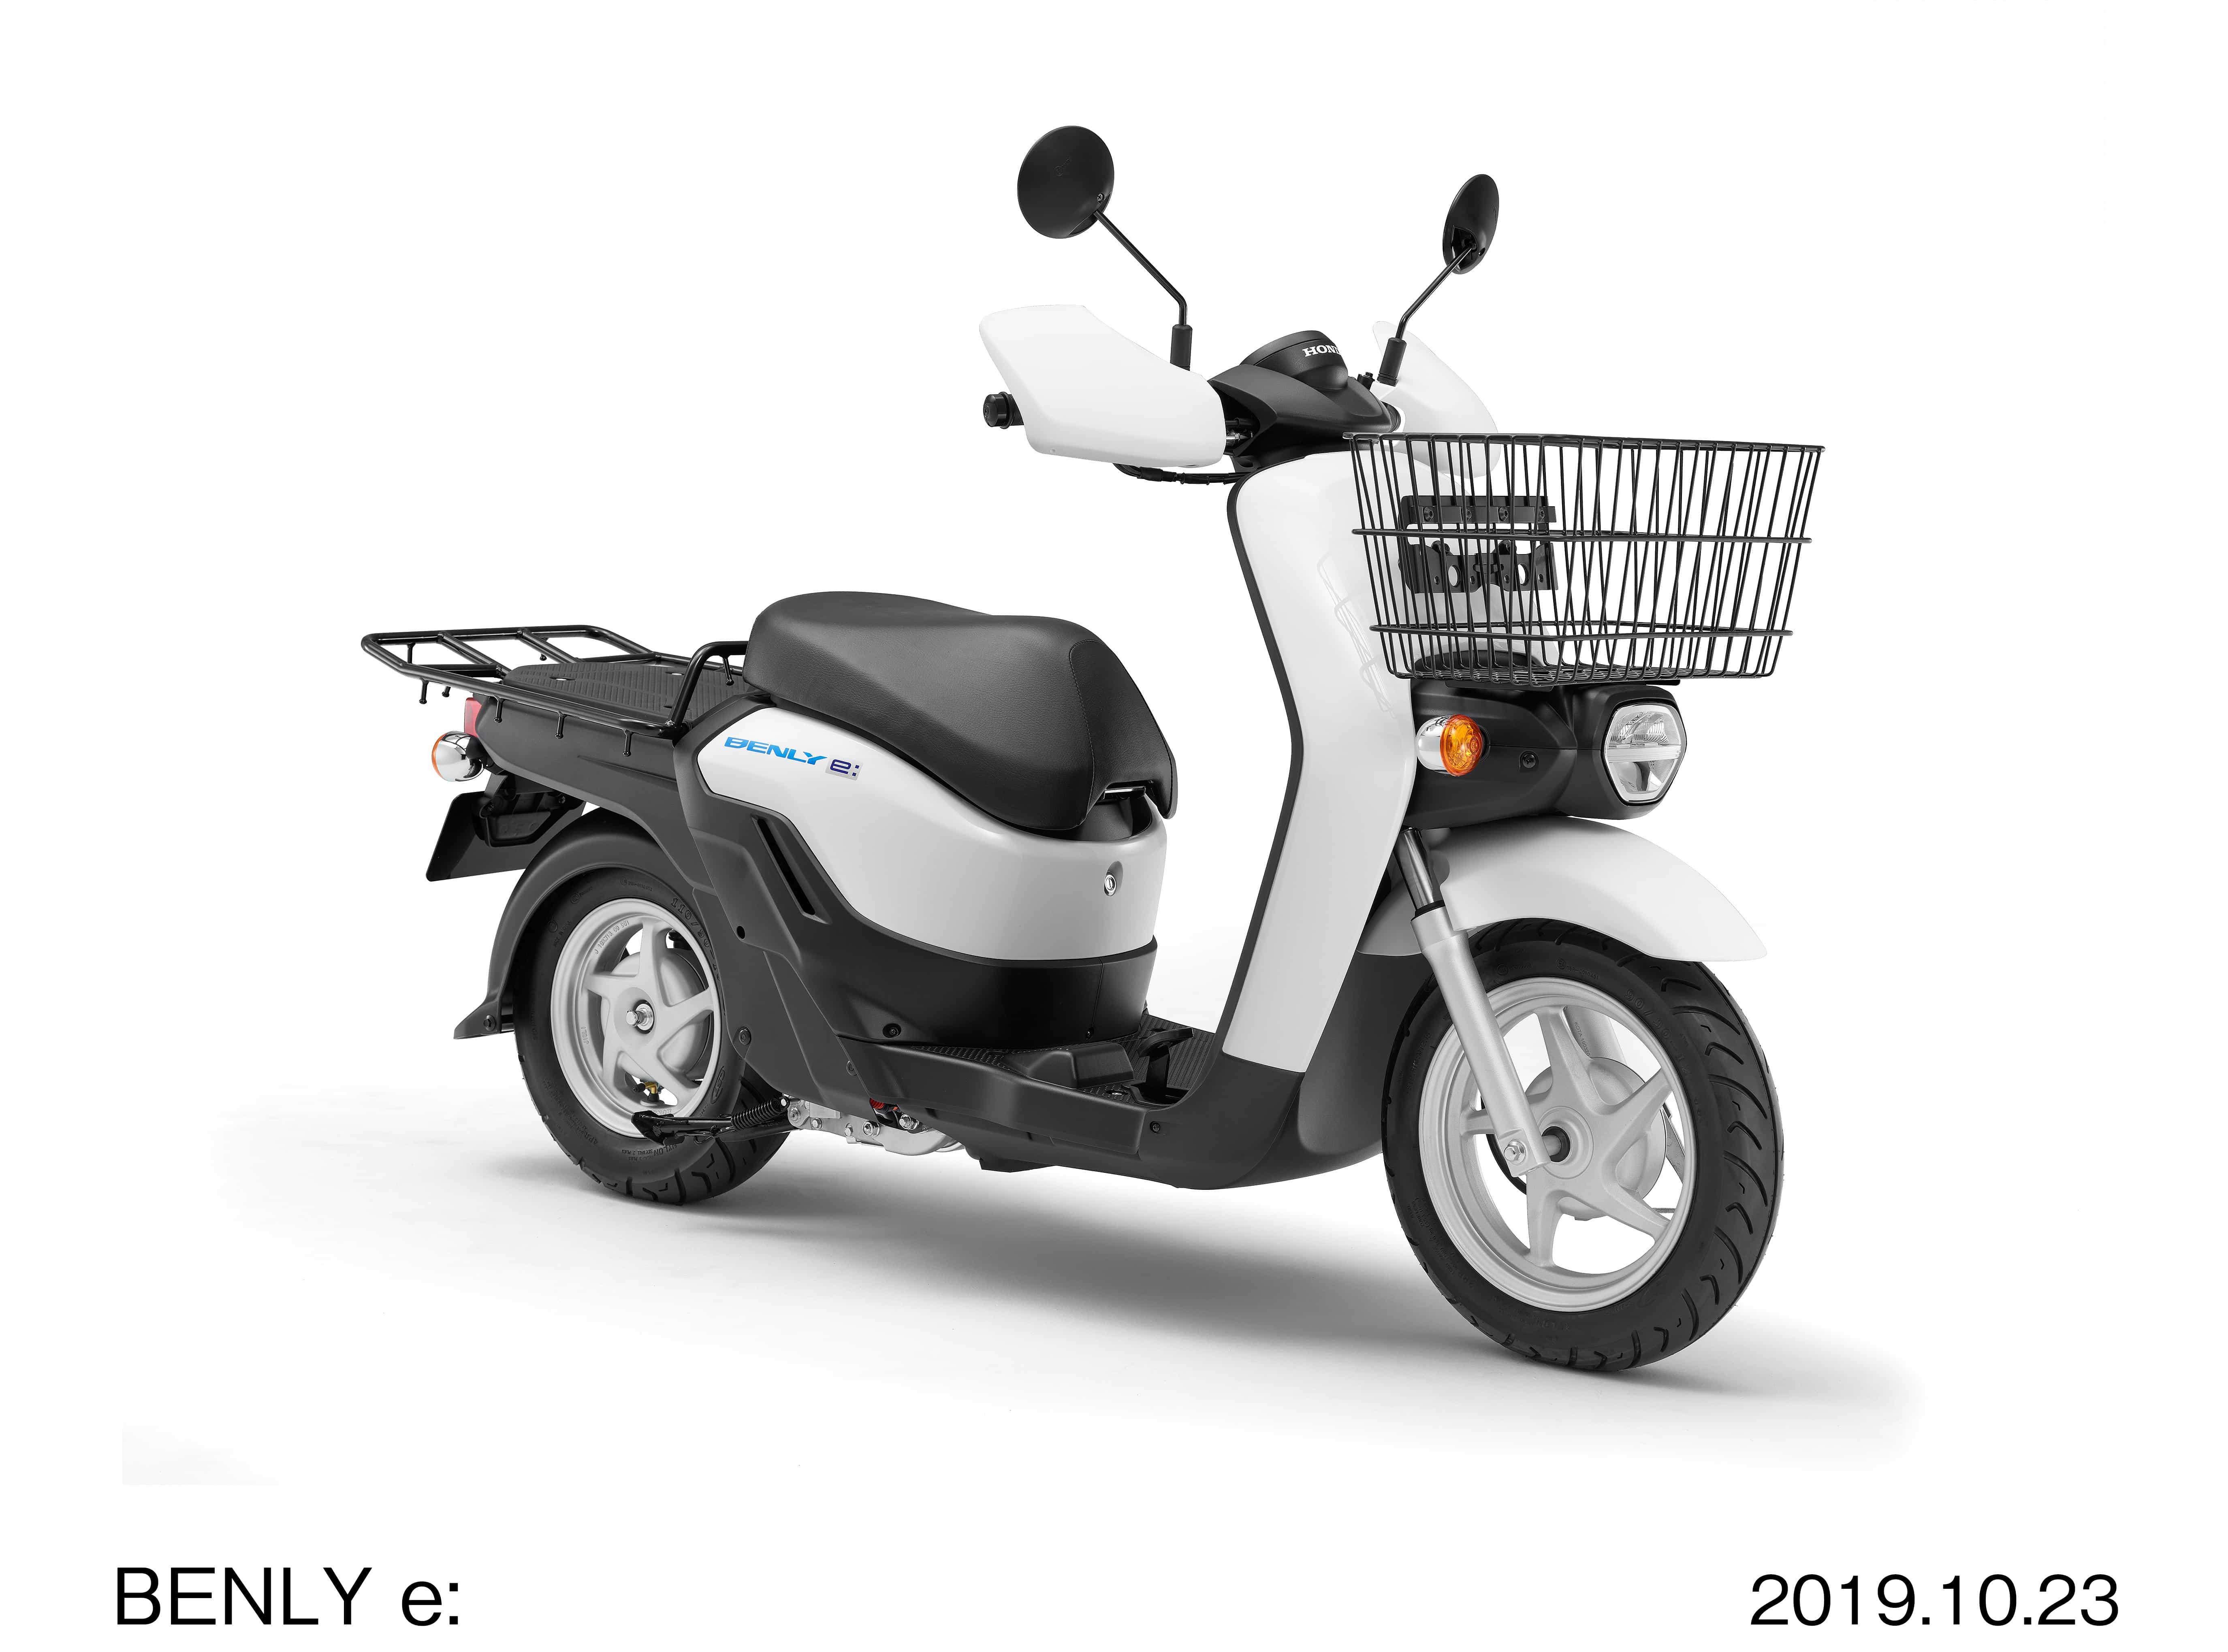 ホンダ 東京モーターショーでBENLY e、GYRO eを発表